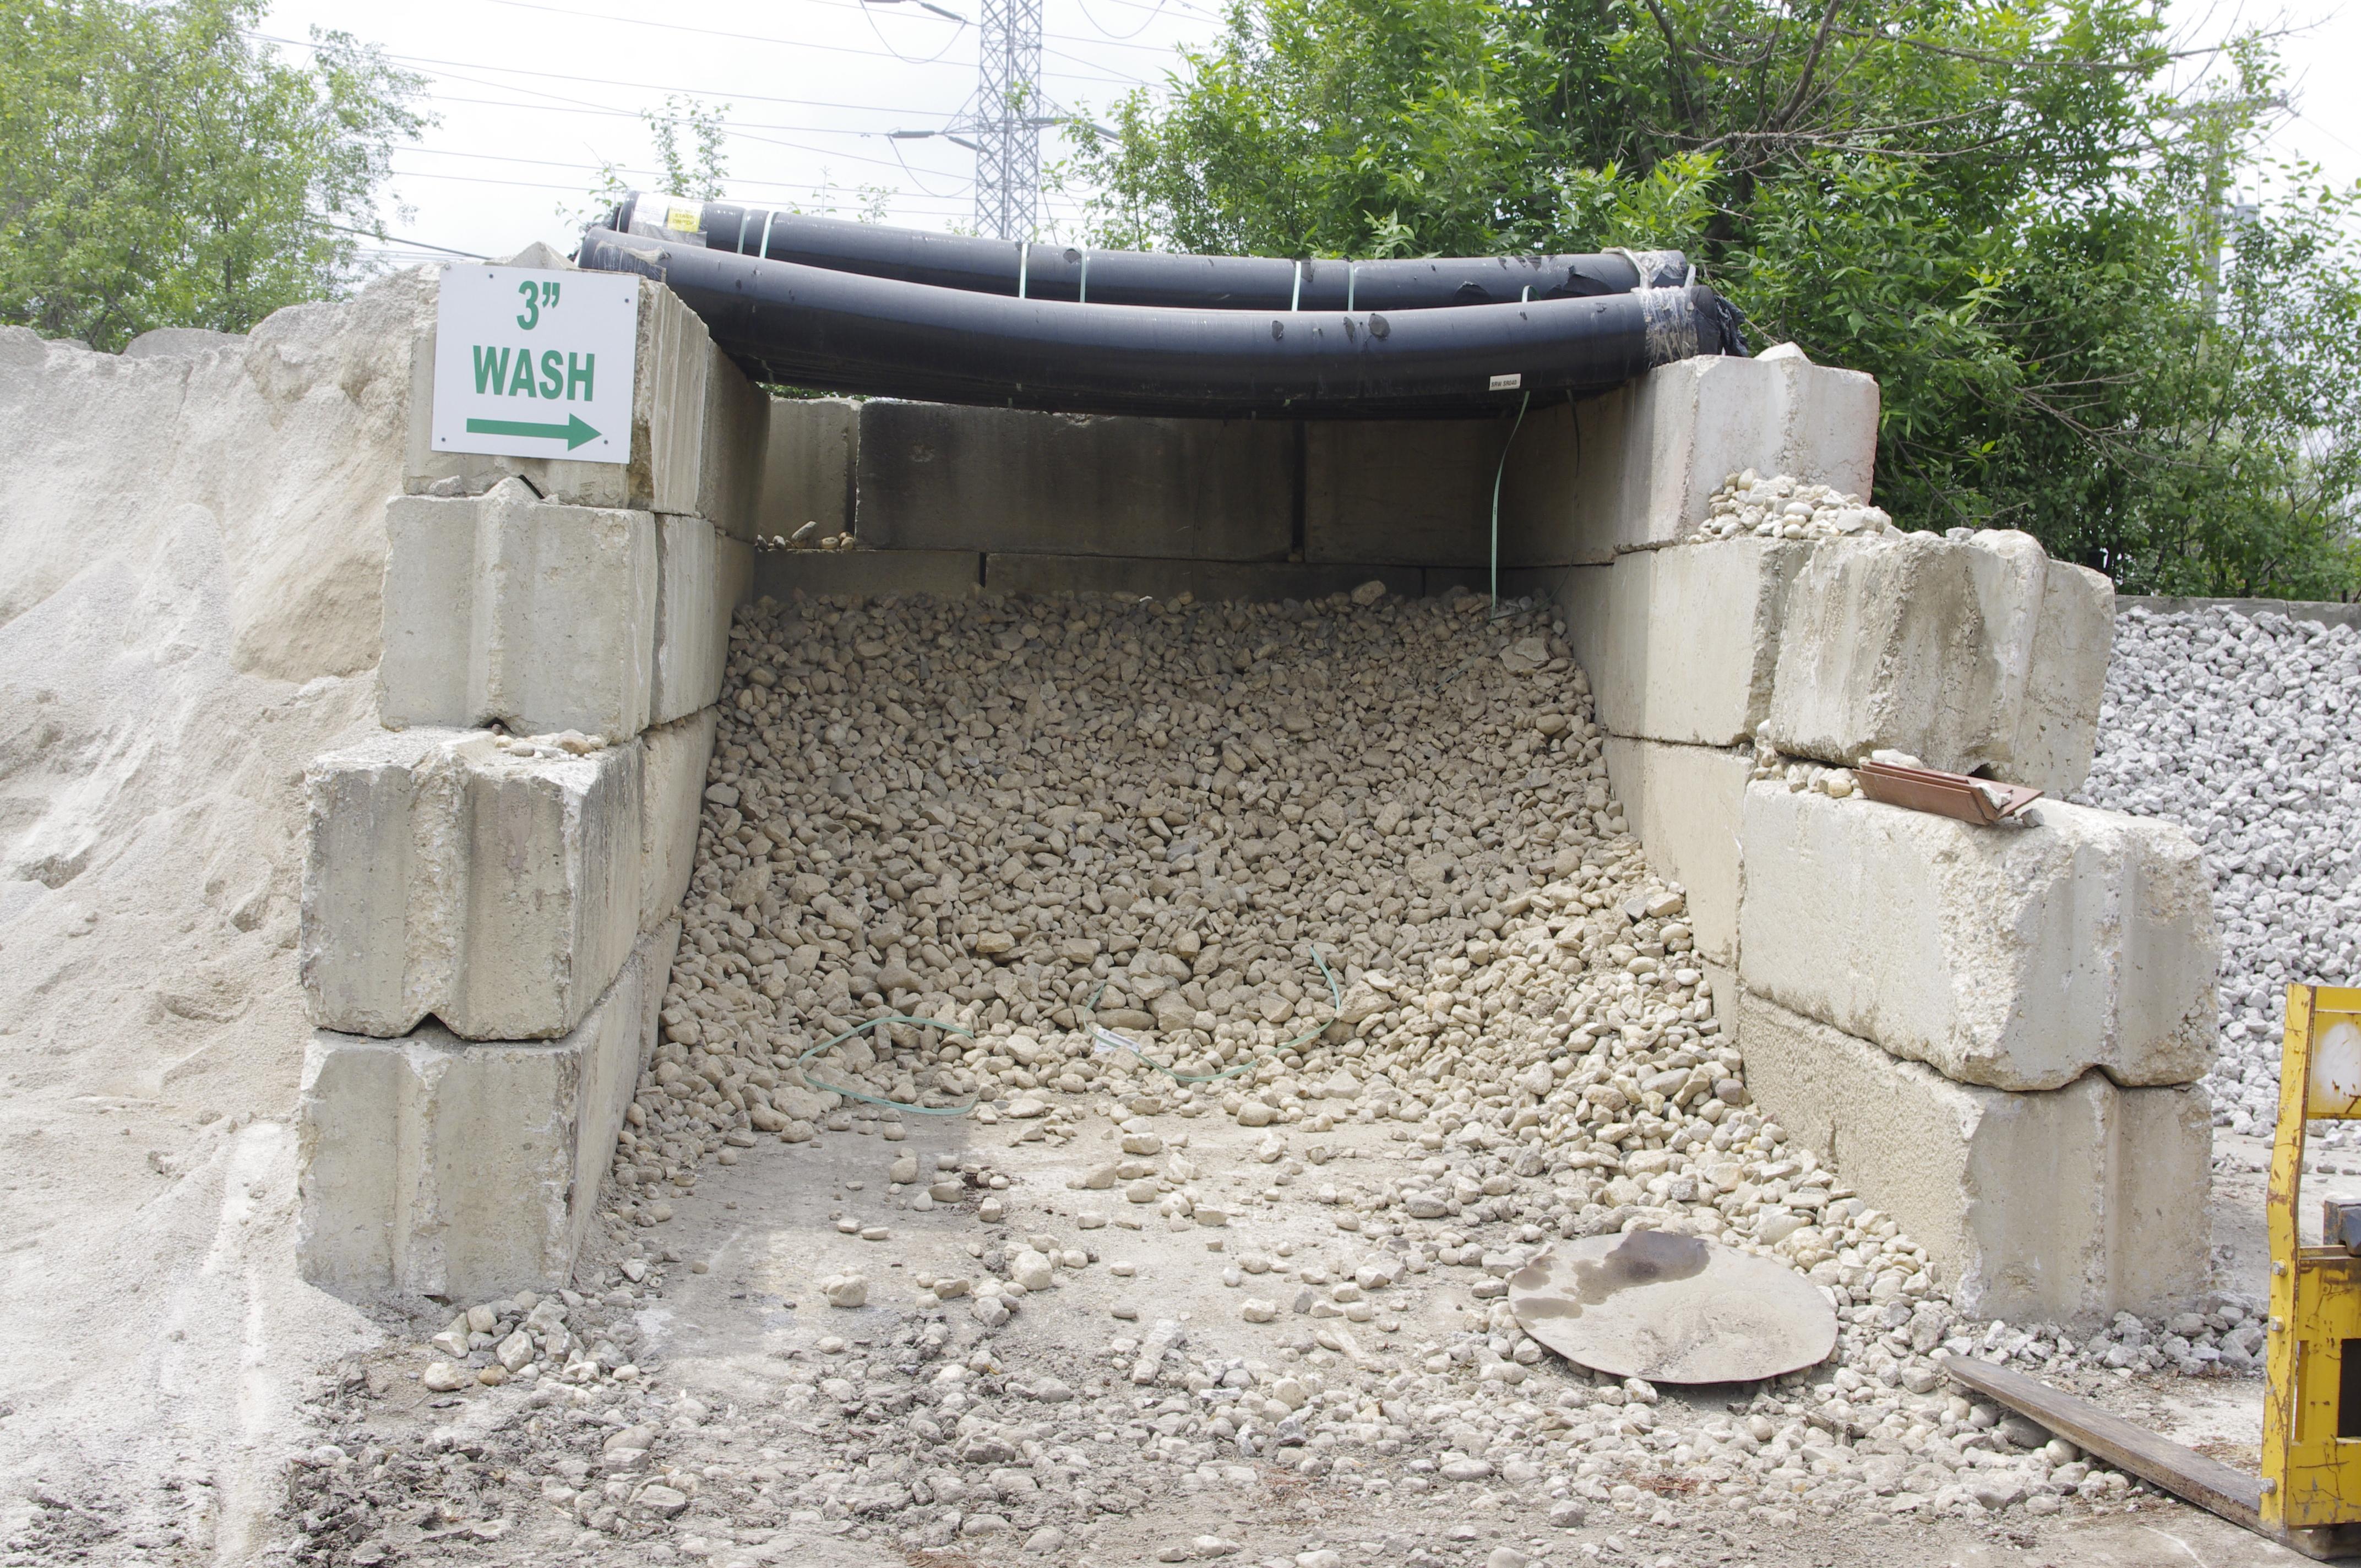 3inch wash gravel